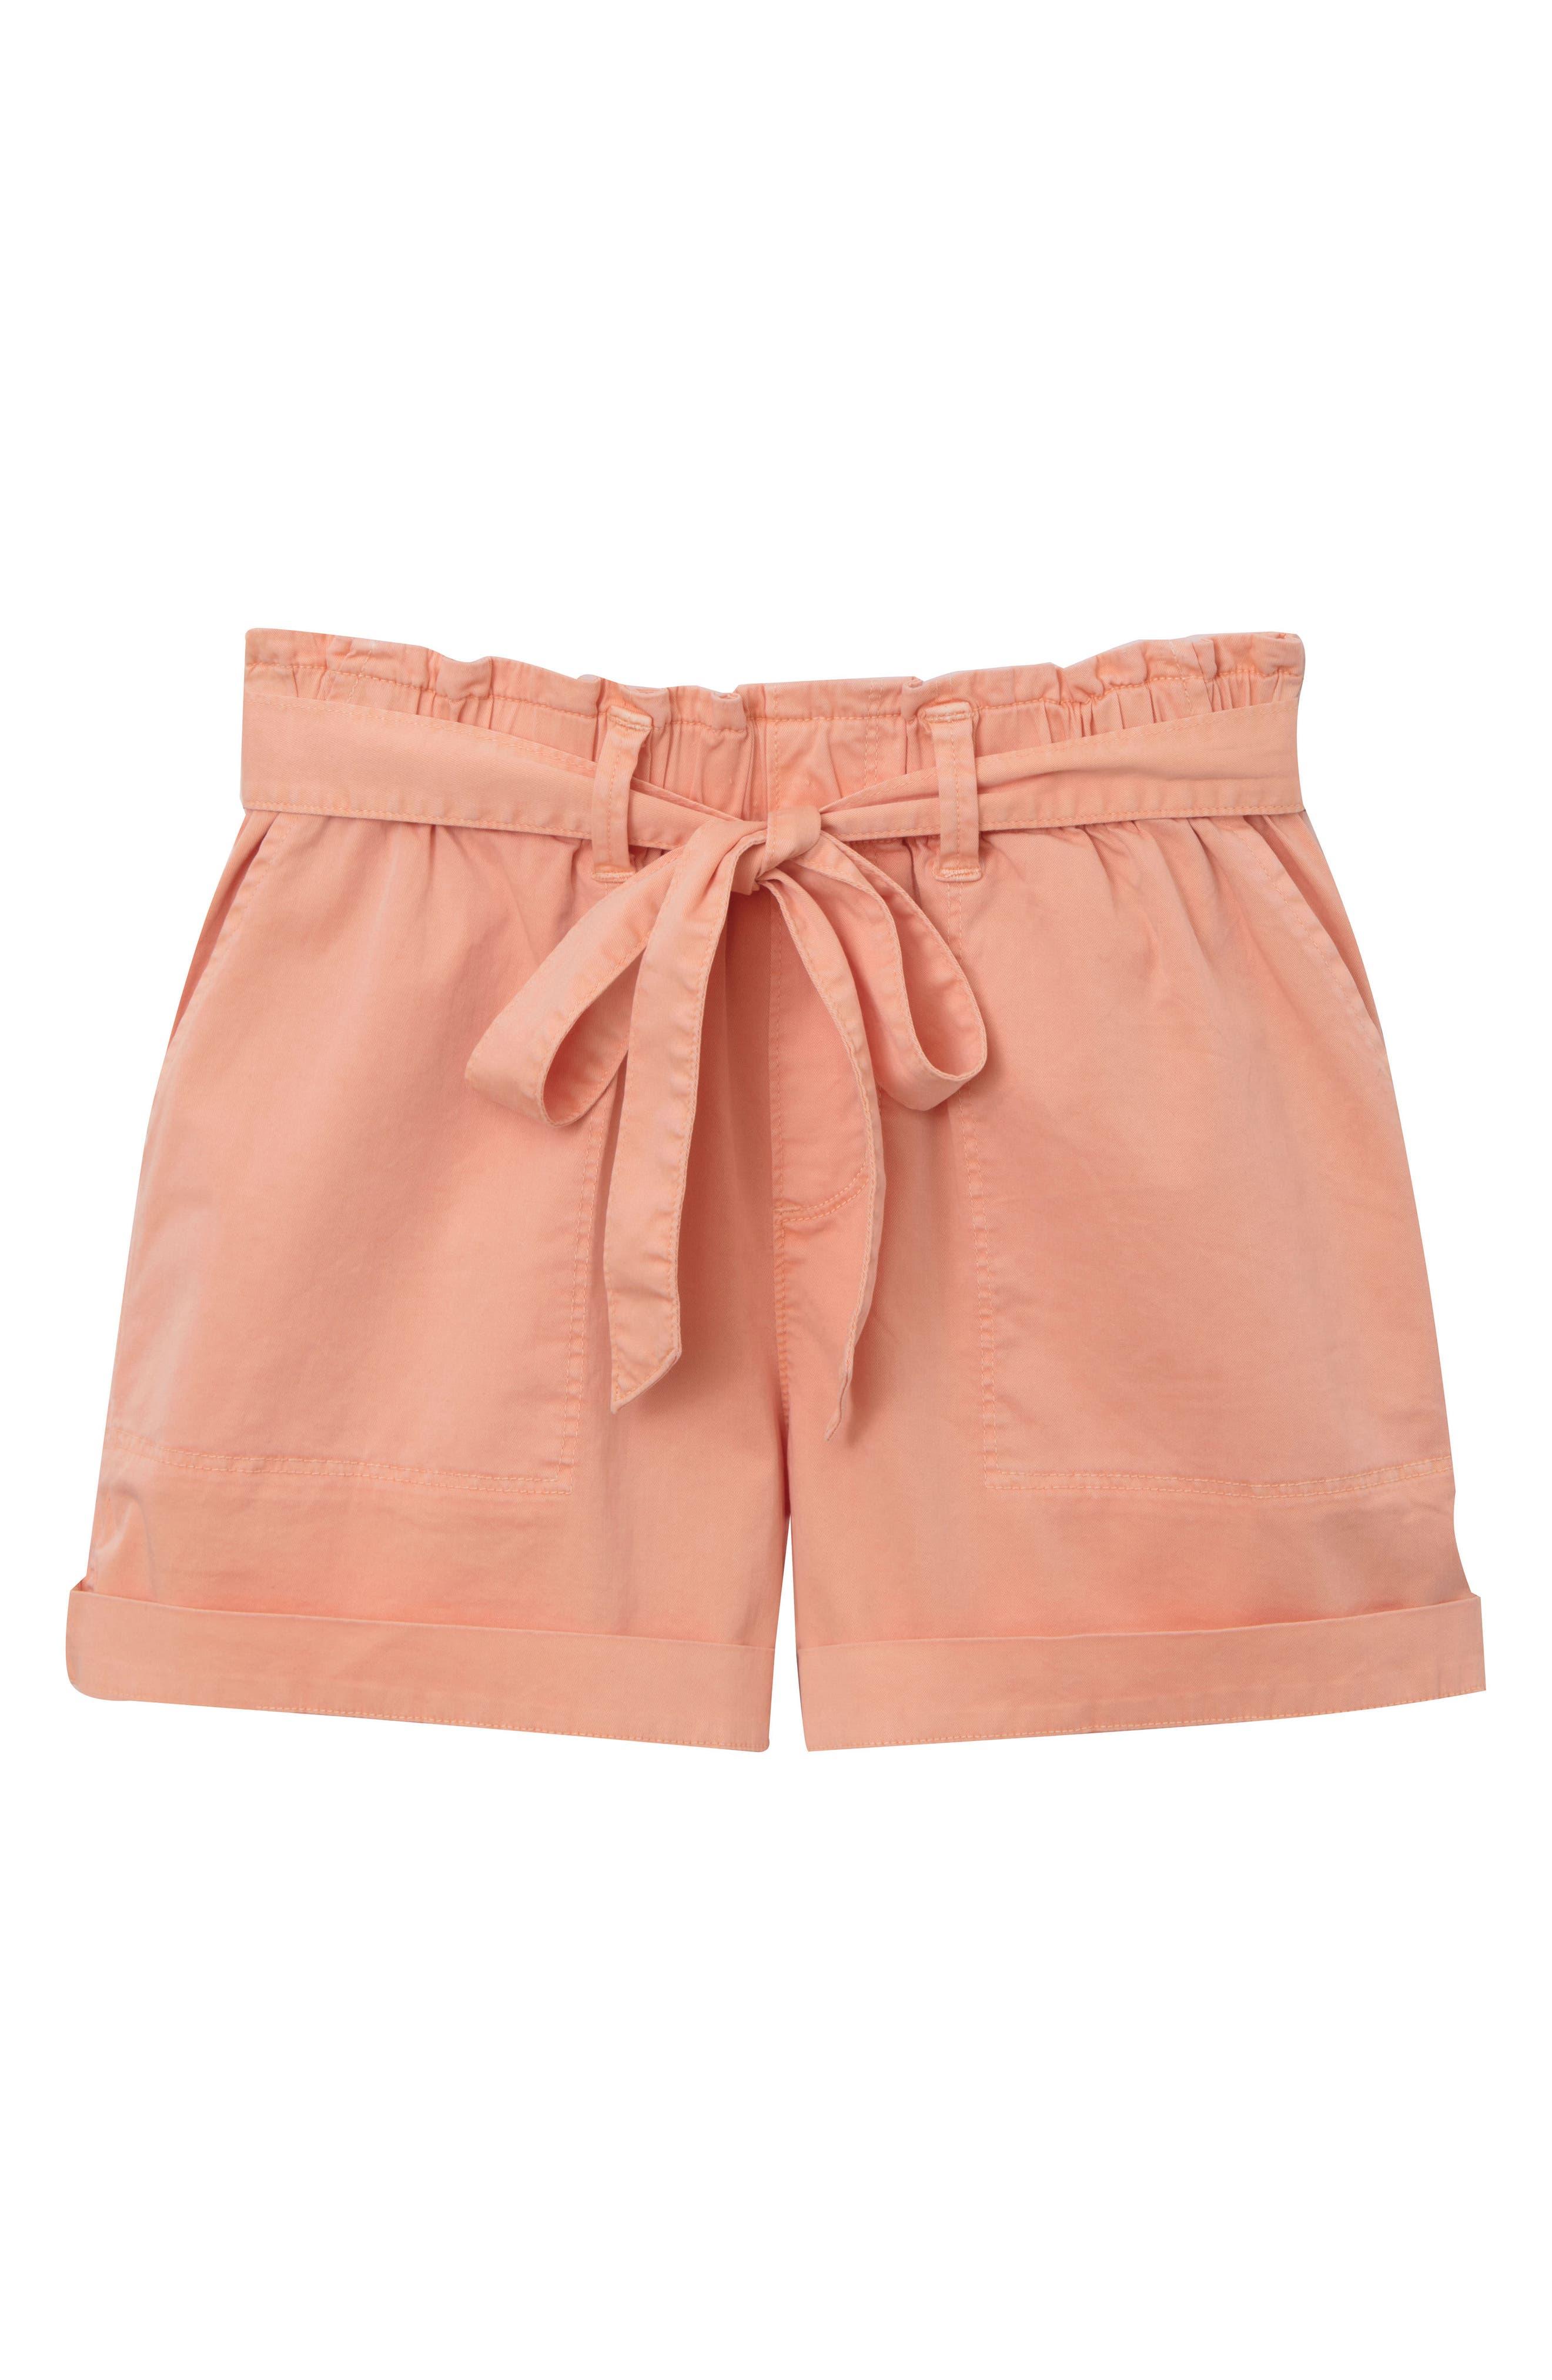 Daydreamer Shorts,                             Alternate thumbnail 5, color,                             Washed Papaya